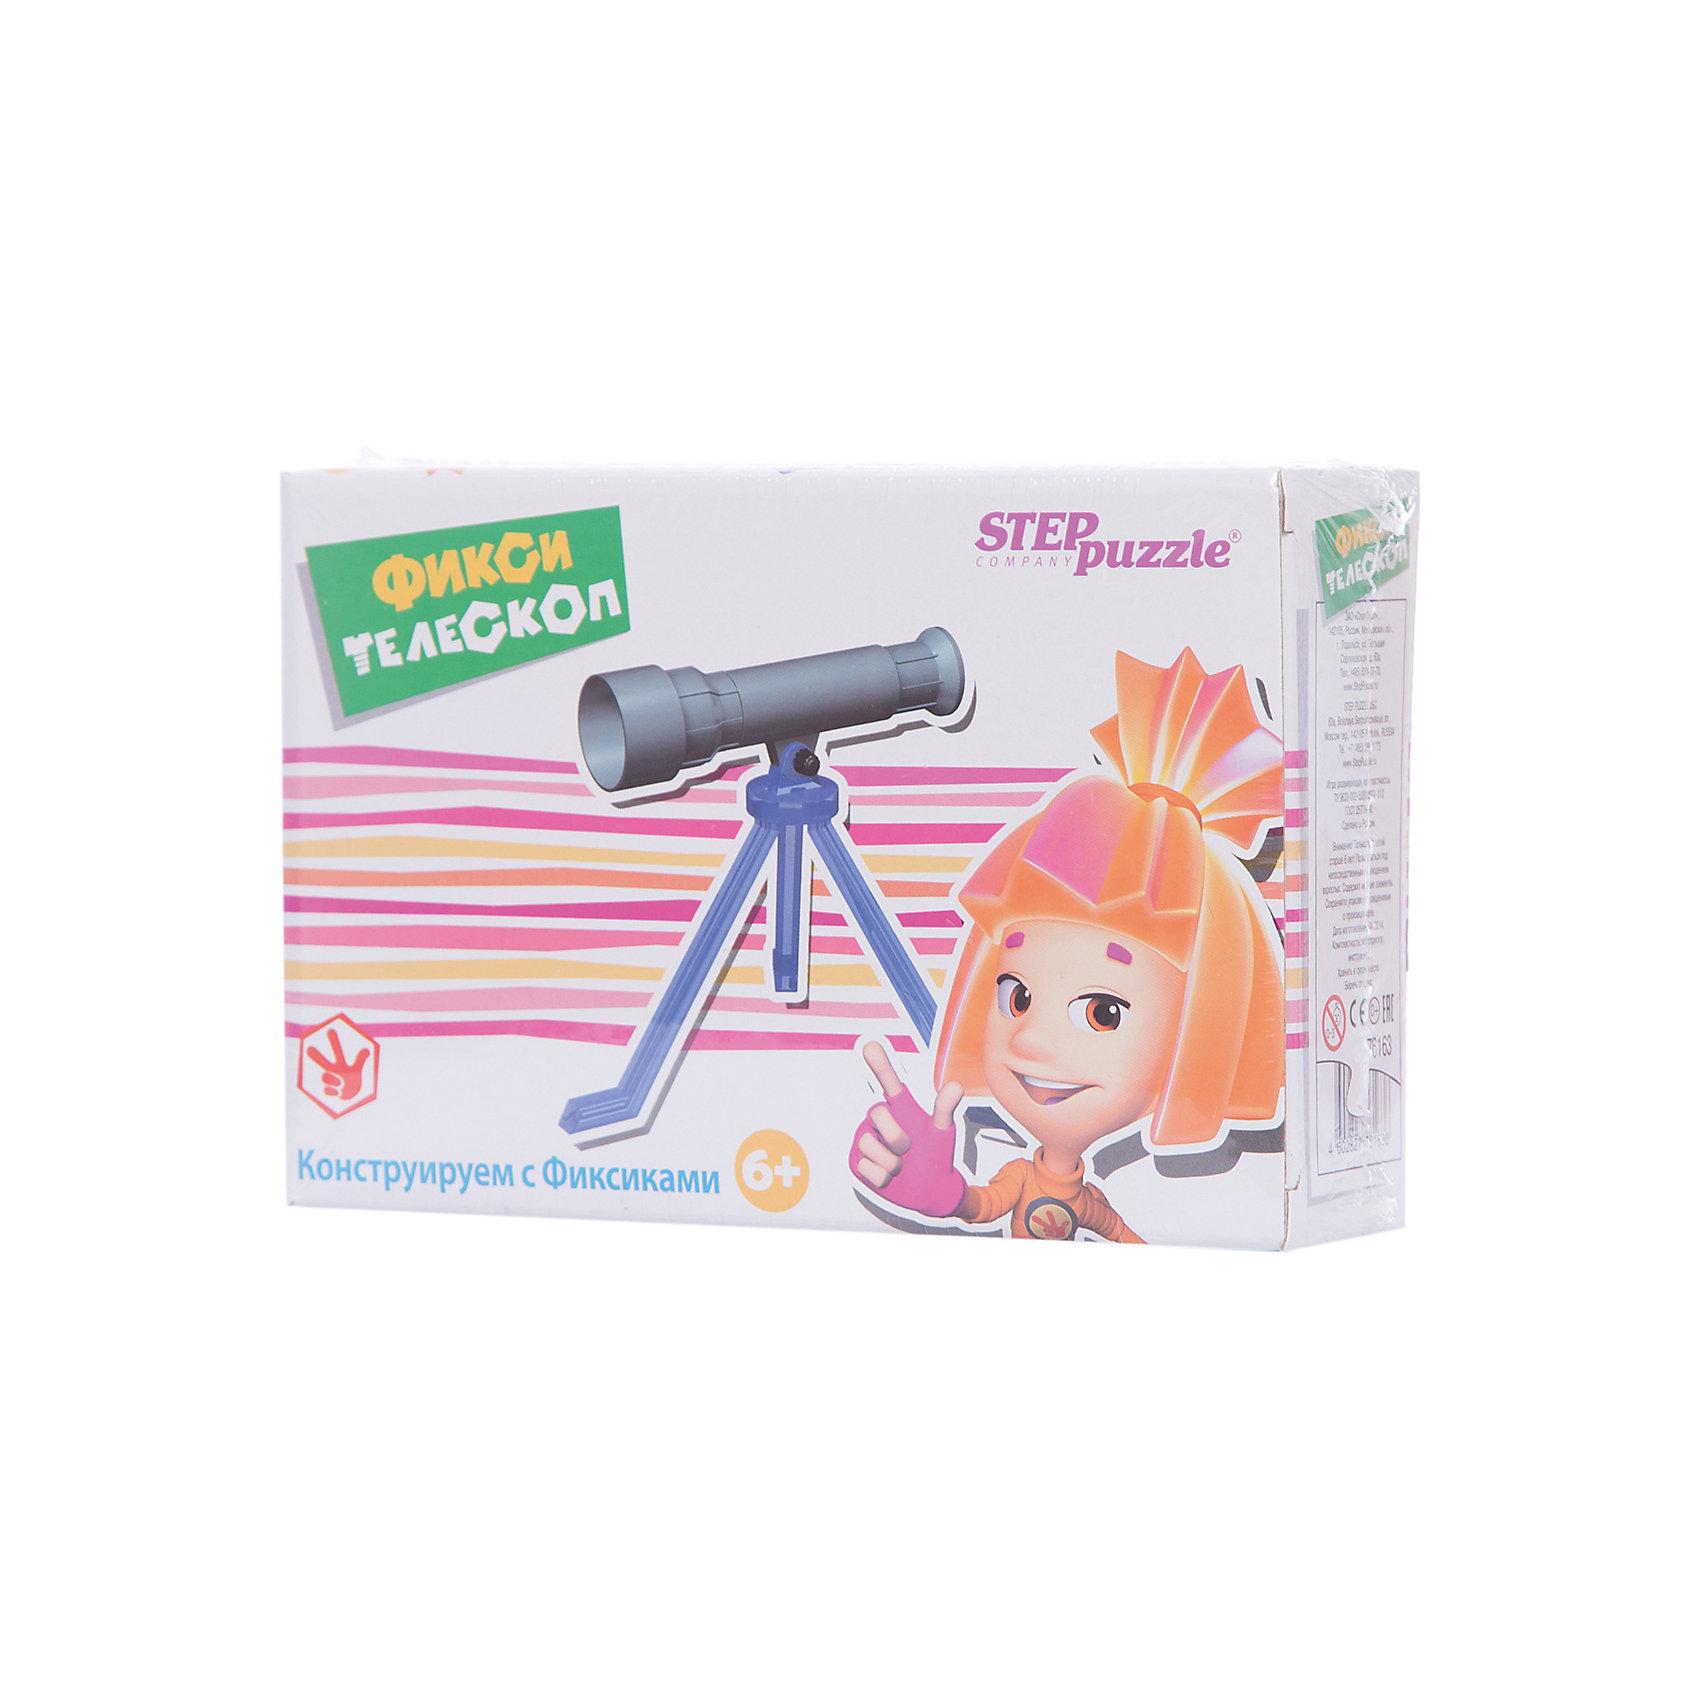 Игра Фикси - телескоп, Step PuzzleИгра Фикси - телескоп, Step Puzzle (Степ Пазл) – это увлекательная развивающая и обучающая игра-конструктор.<br>Игра-конструктор «Фикси-телескоп» из серии «Конструируем с Фиксиками» дает начальное представление об оптике. Собирая телескоп, ребенок получает навык конструирования, учиться читать и понимать чертежи, развивает мелкую моторику, внимание, память.<br><br>Дополнительная информация:<br><br>- В комплекте: детали для сборки телескопа<br>- Упаковка: картонная коробка<br>- Размер упаковки: 200x55x135 мм.<br><br>Игру Фикси - телескоп, Step Puzzle (Степ Пазл) можно купить в нашем интернет-магазине.<br><br>Ширина мм: 200<br>Глубина мм: 55<br>Высота мм: 135<br>Вес г: 400<br>Возраст от месяцев: 72<br>Возраст до месяцев: 144<br>Пол: Унисекс<br>Возраст: Детский<br>SKU: 4588256